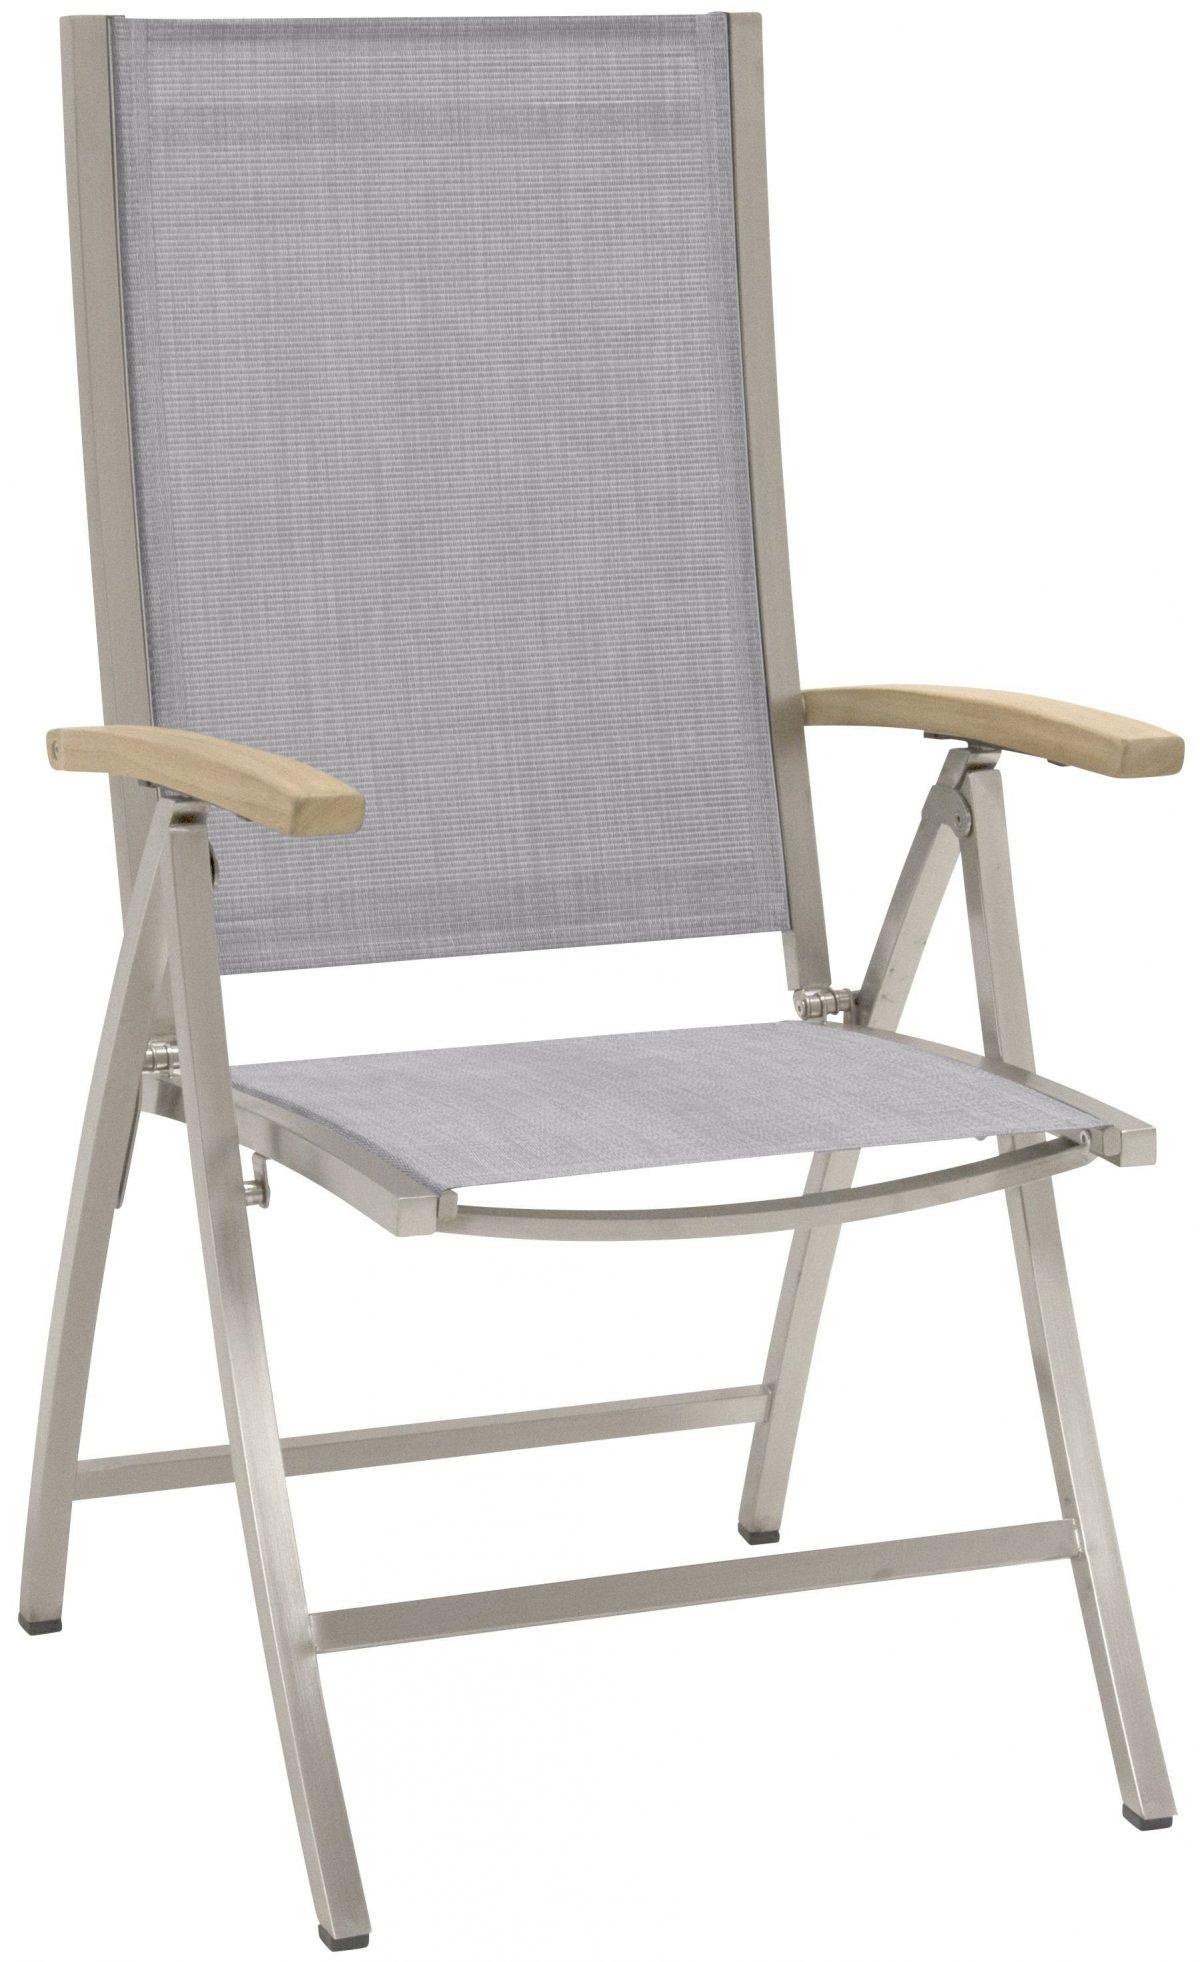 chaise de jardin avec dossier haut empilable en acier coloris gris cendre 39 1200x1962